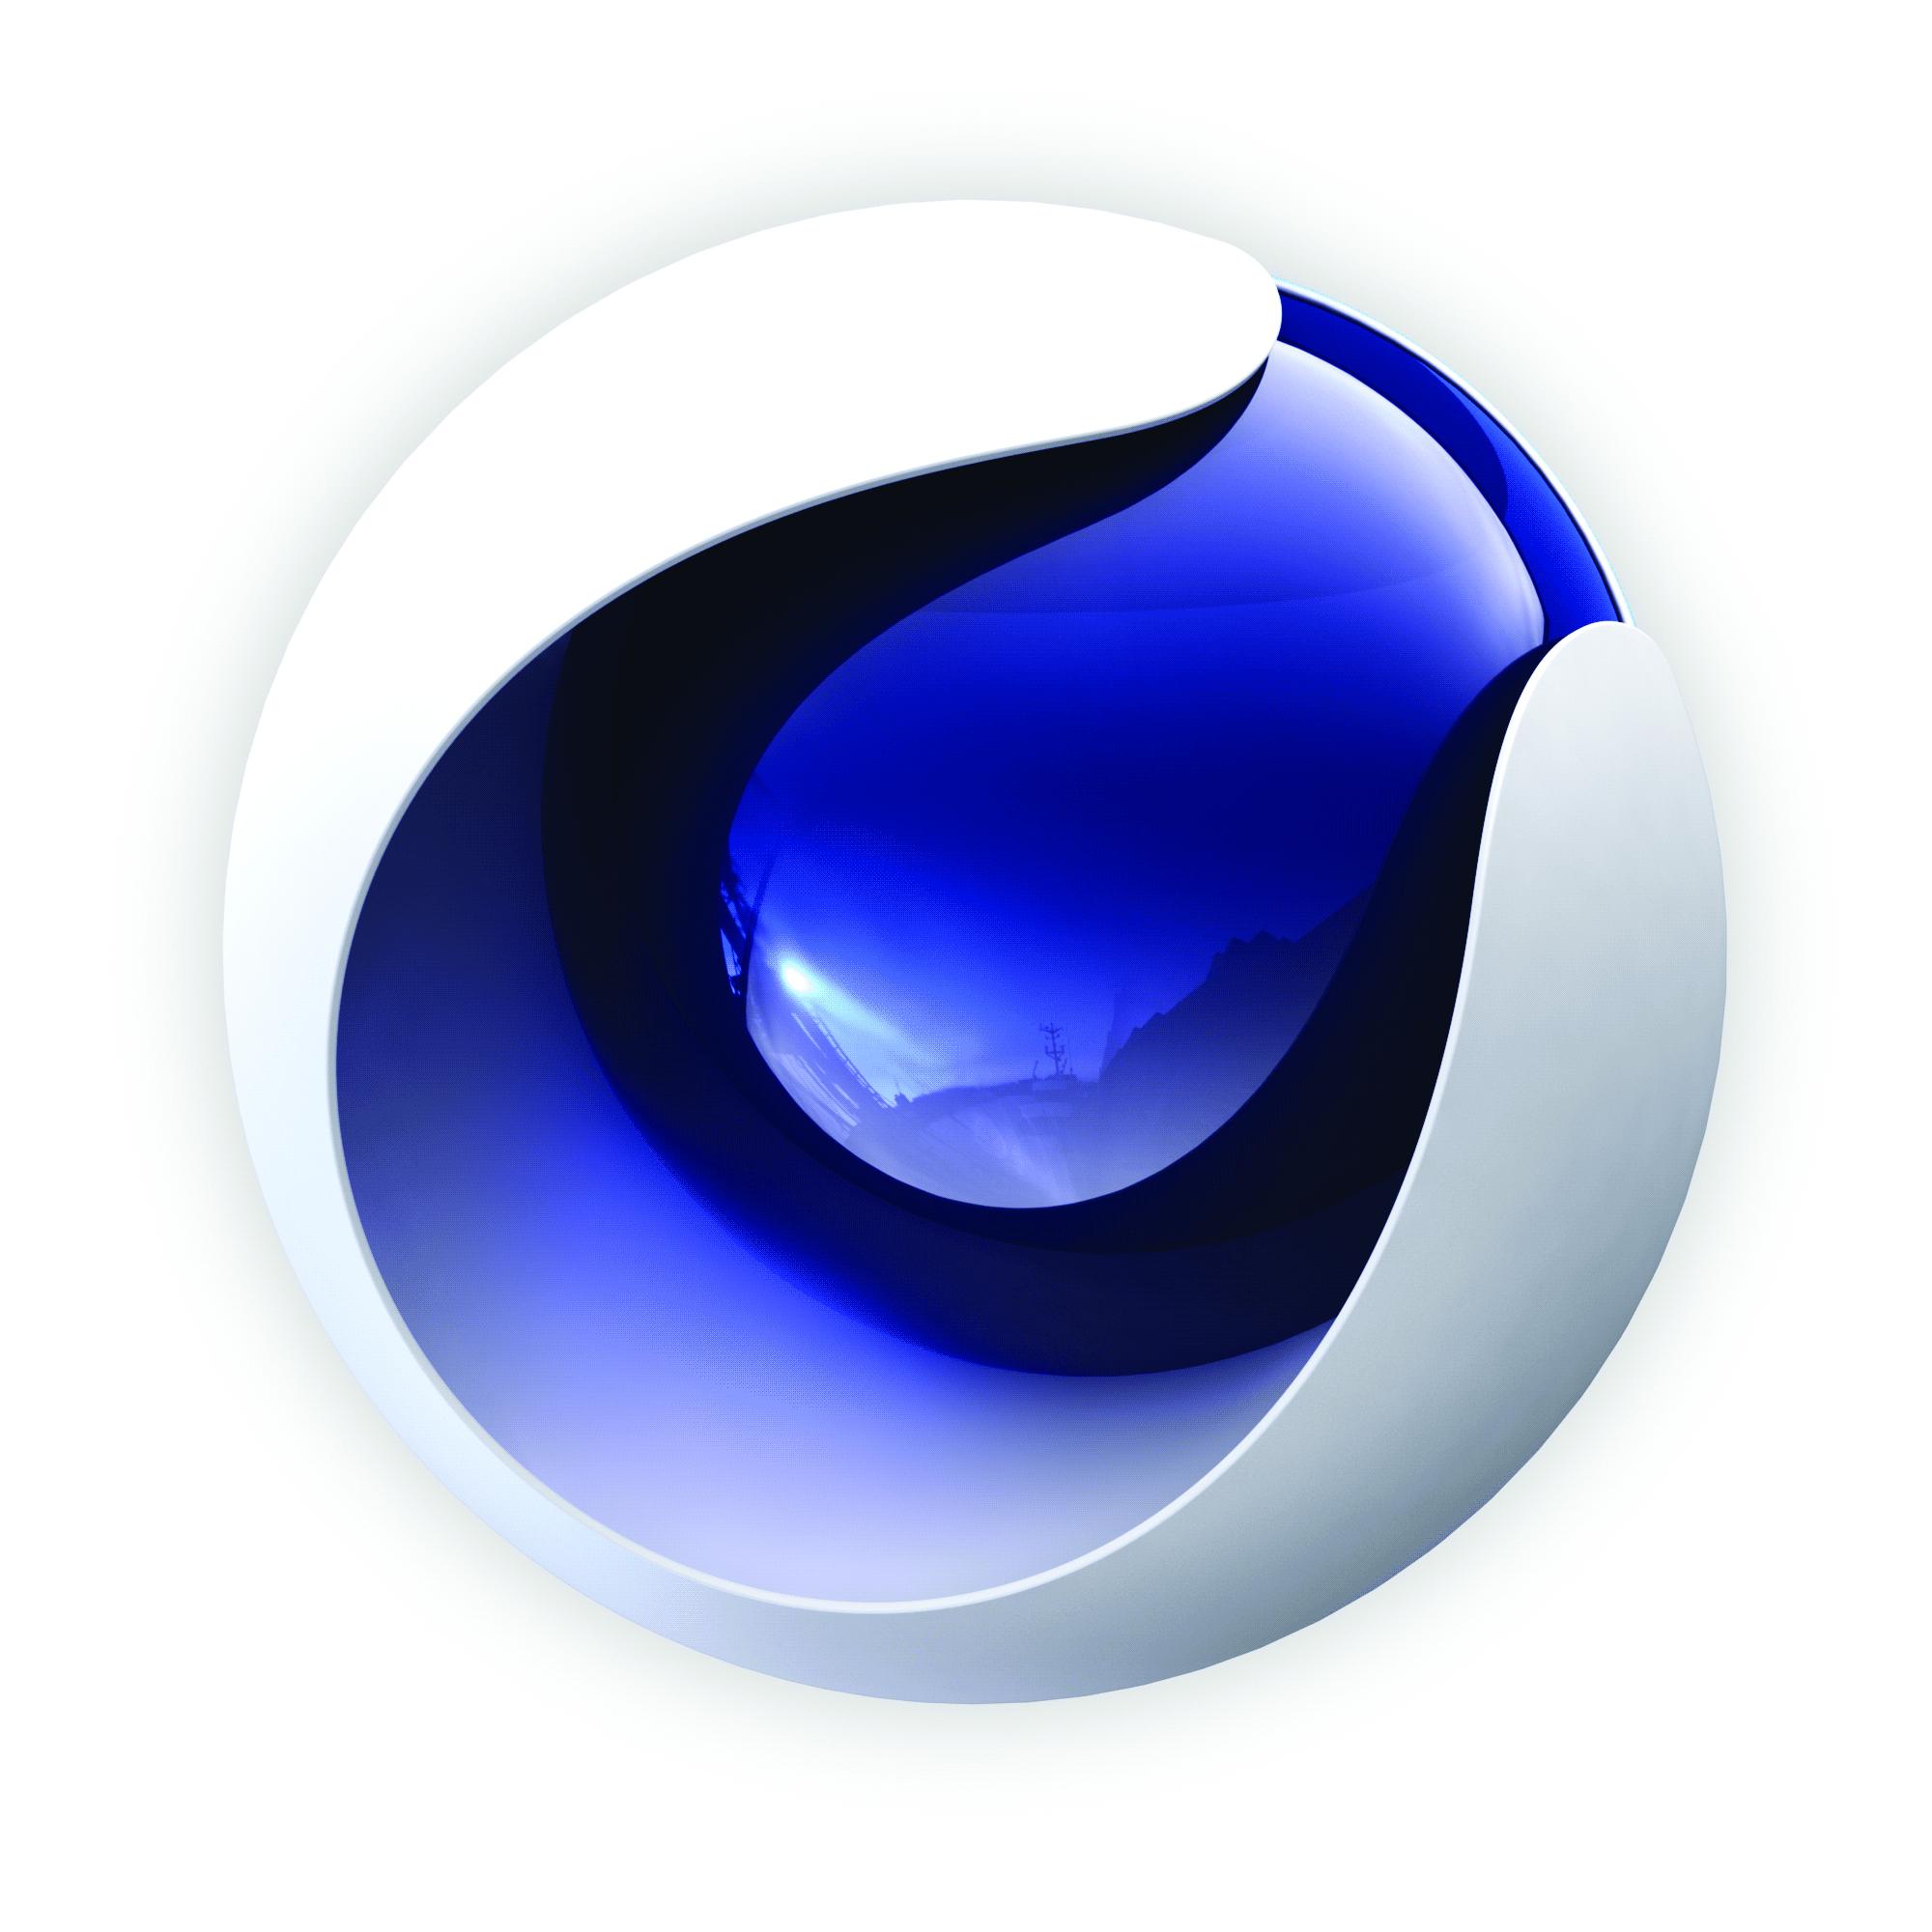 CINEMA 4D - introduction - Orienté en Motion Design et Animation 3D